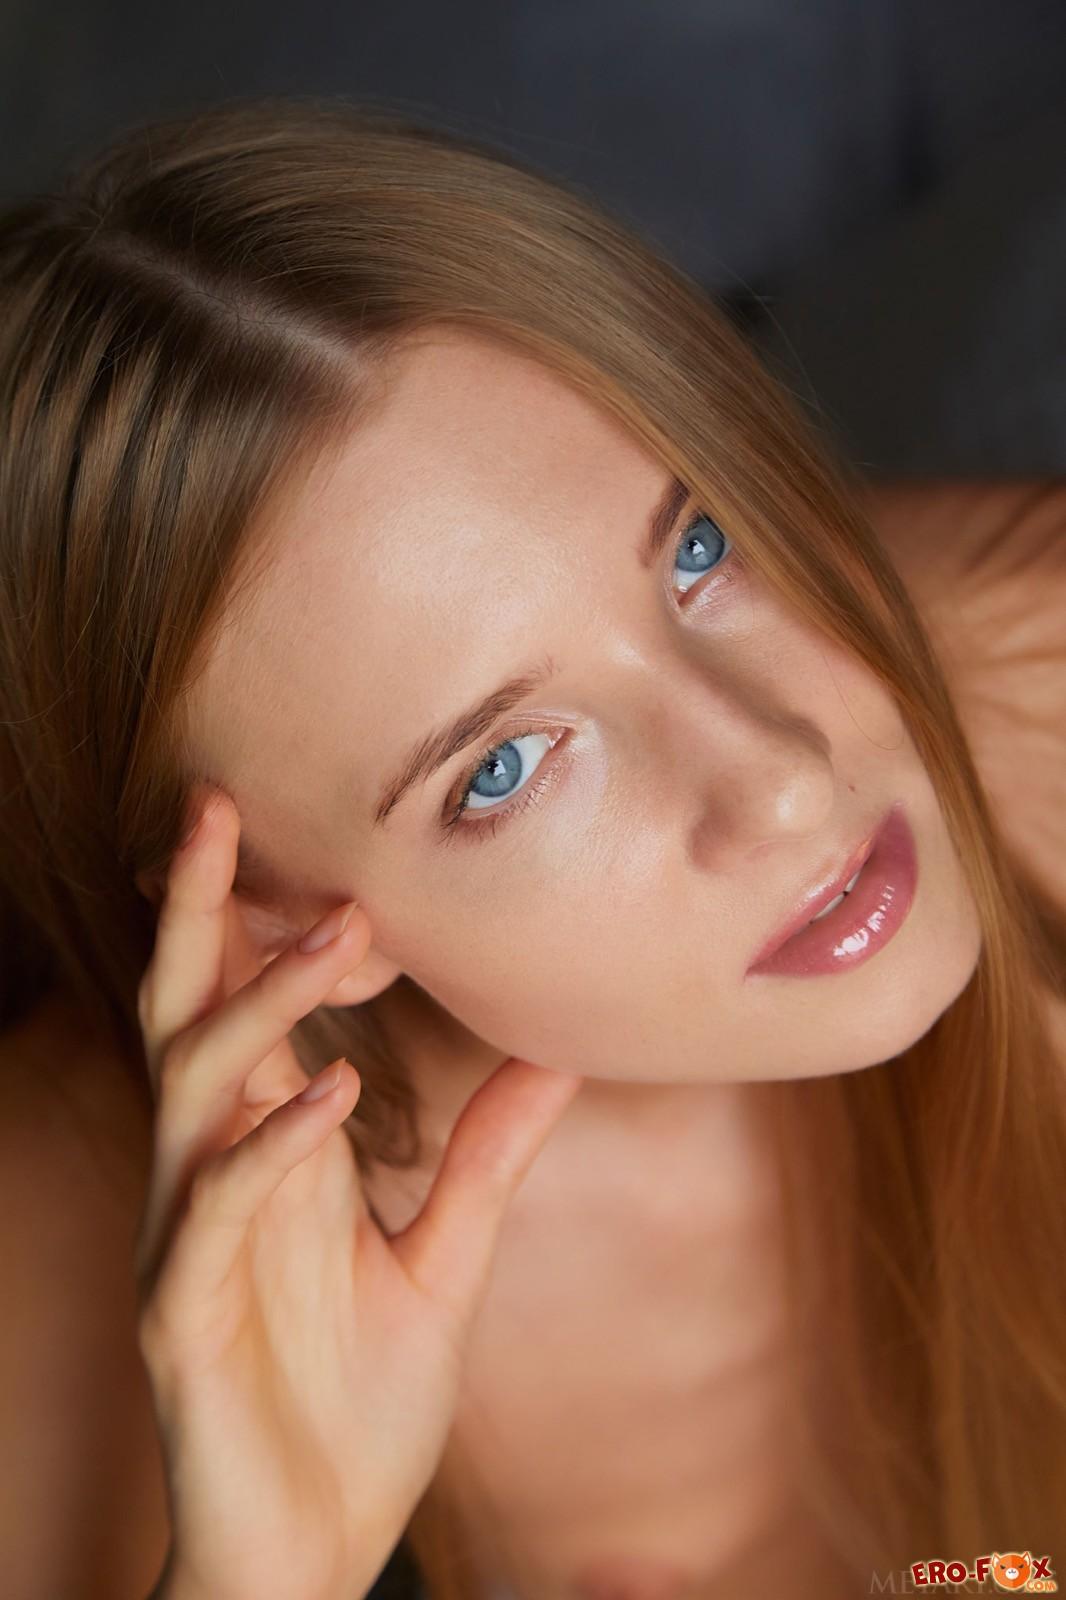 Голая девка с плоской грудью в постели - фото